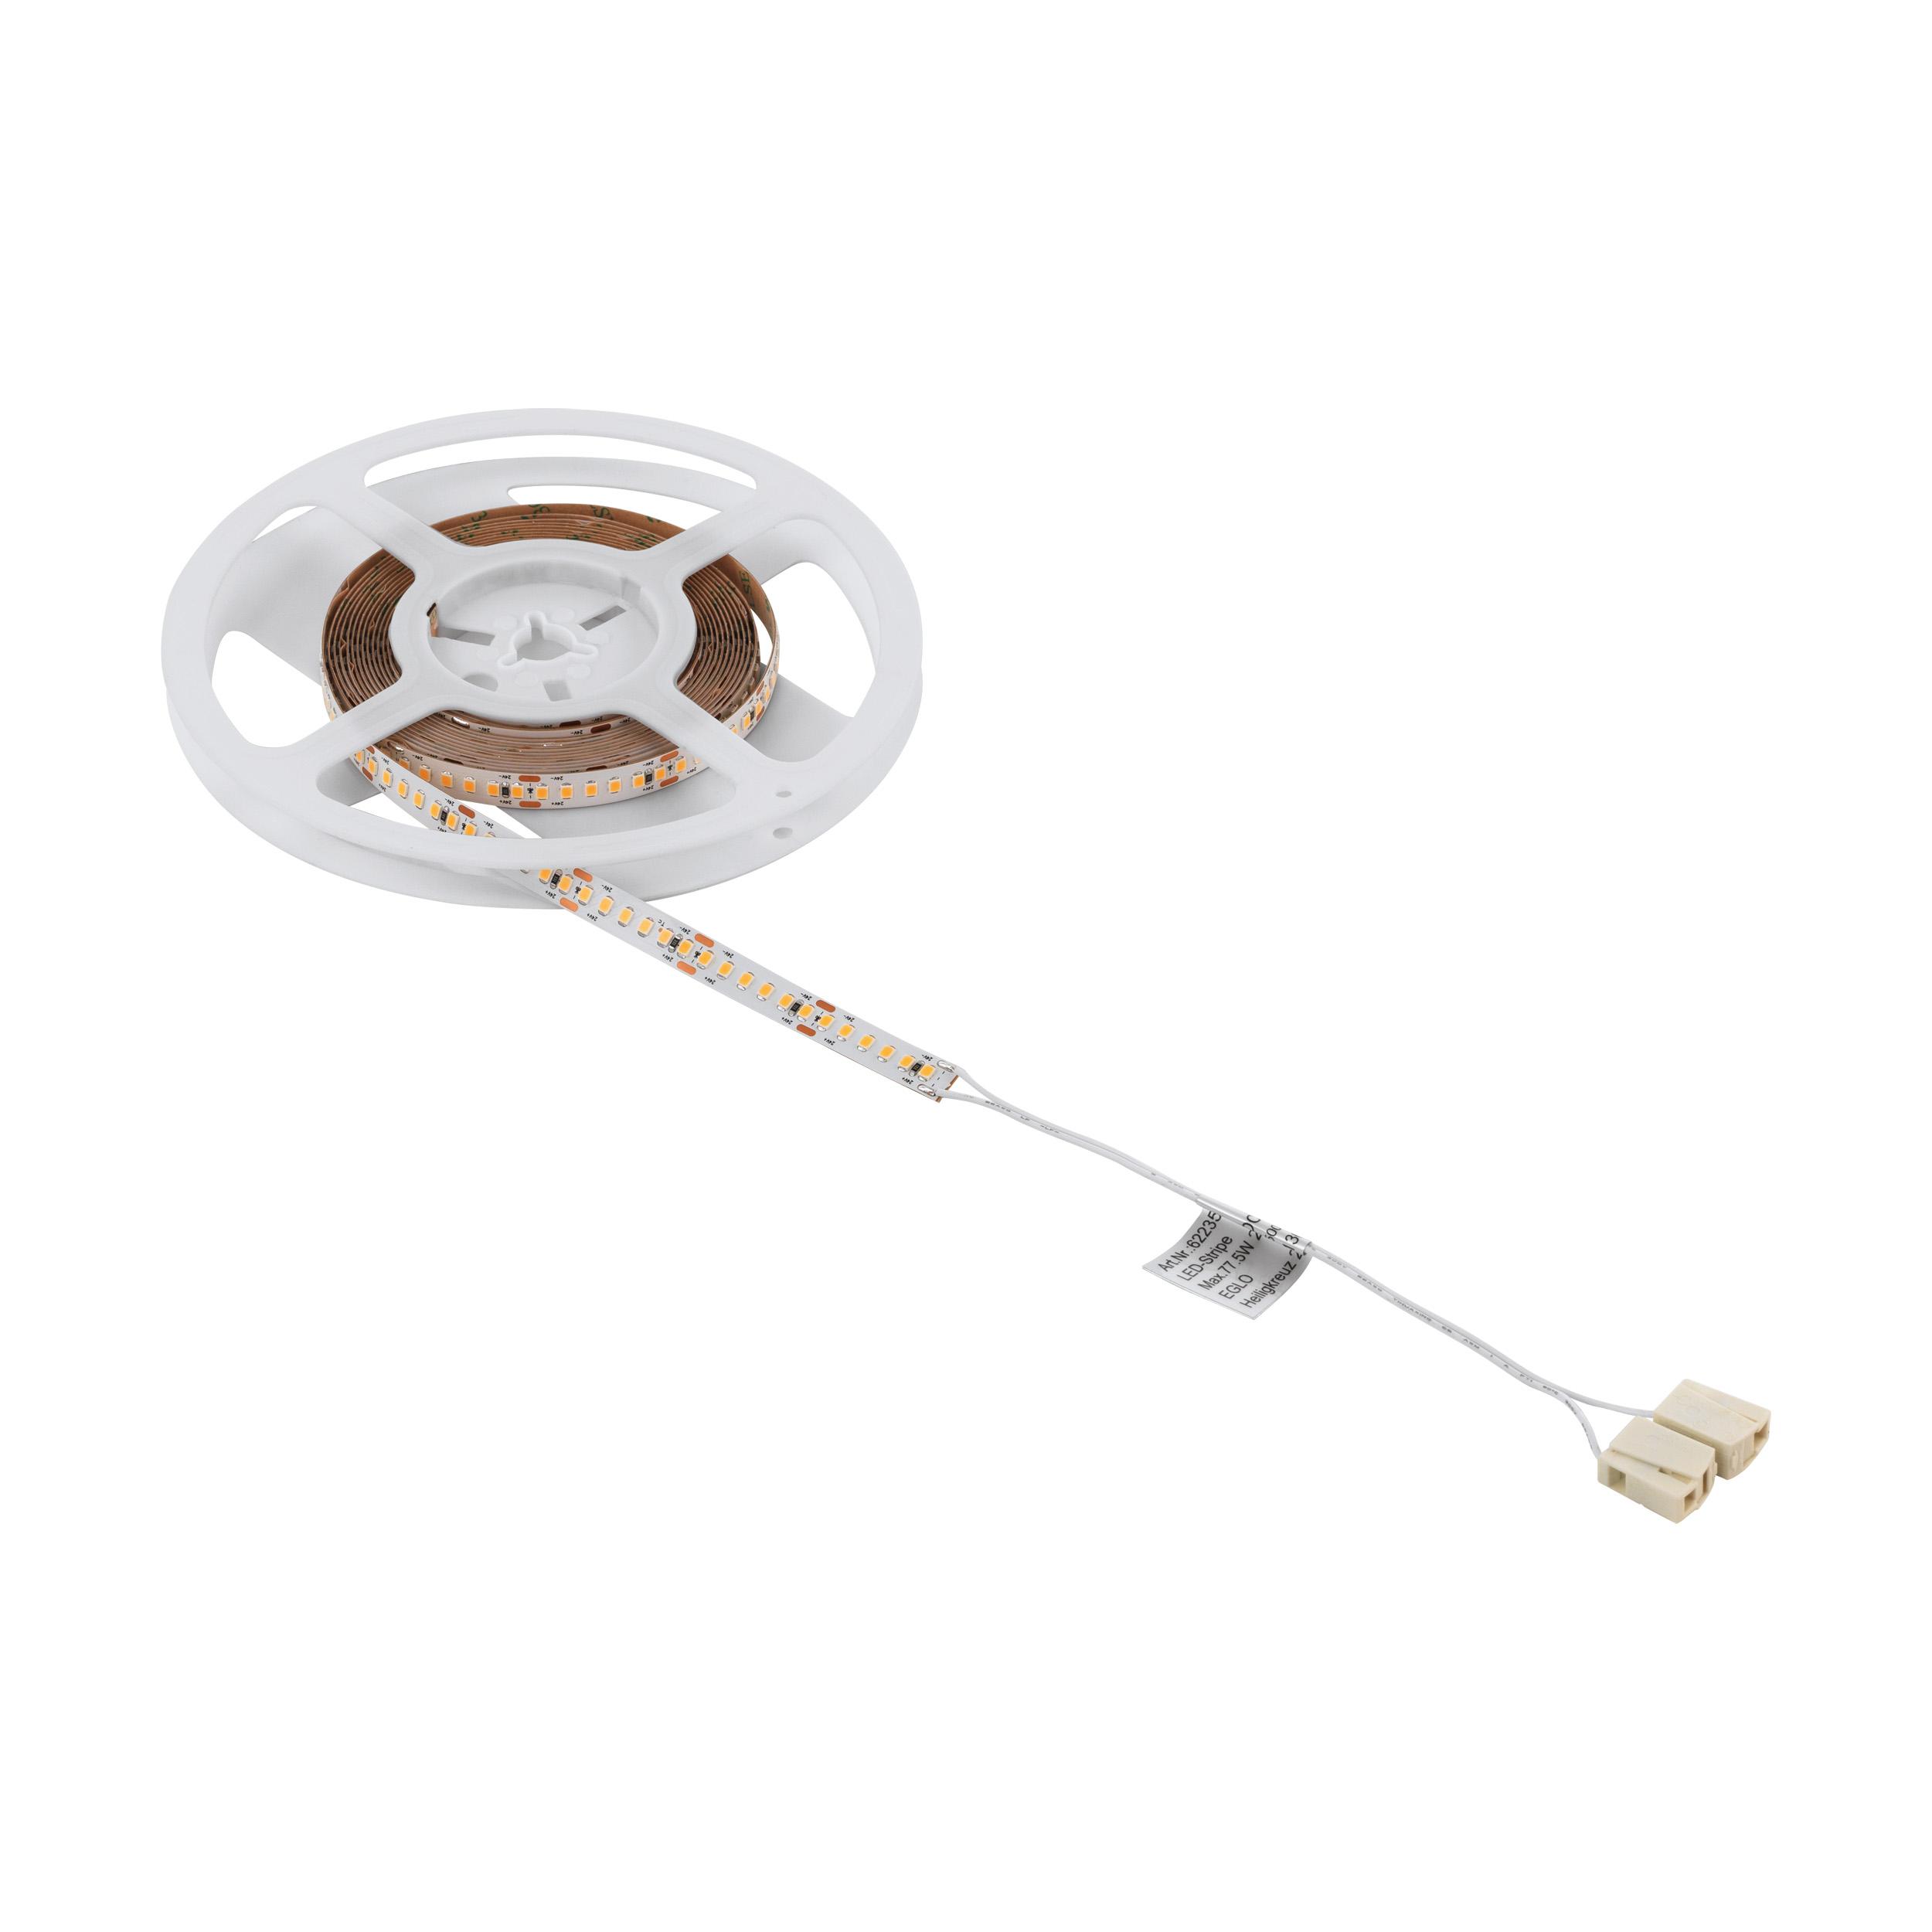 1 Stk LED-STRIPE 20m Rolle, Angabe per Meter 5,5W/mW 2700K IP20 LI63291---